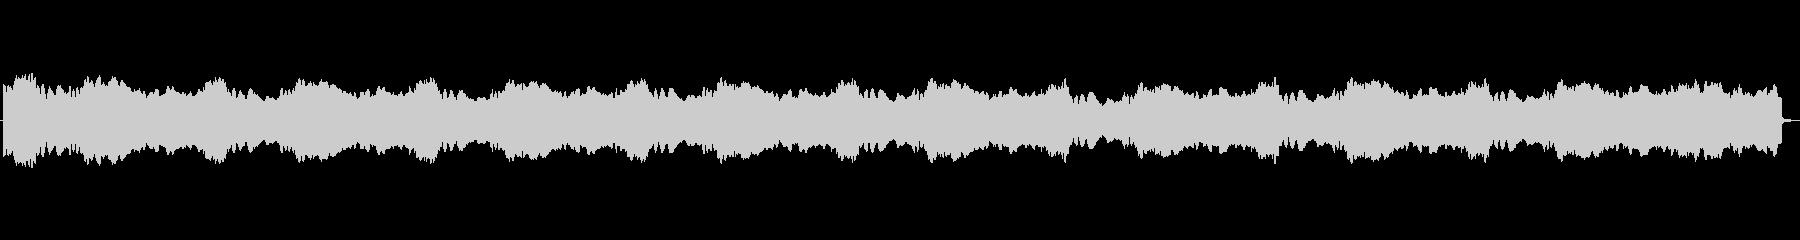 パトカー:ワイルサイレンの未再生の波形